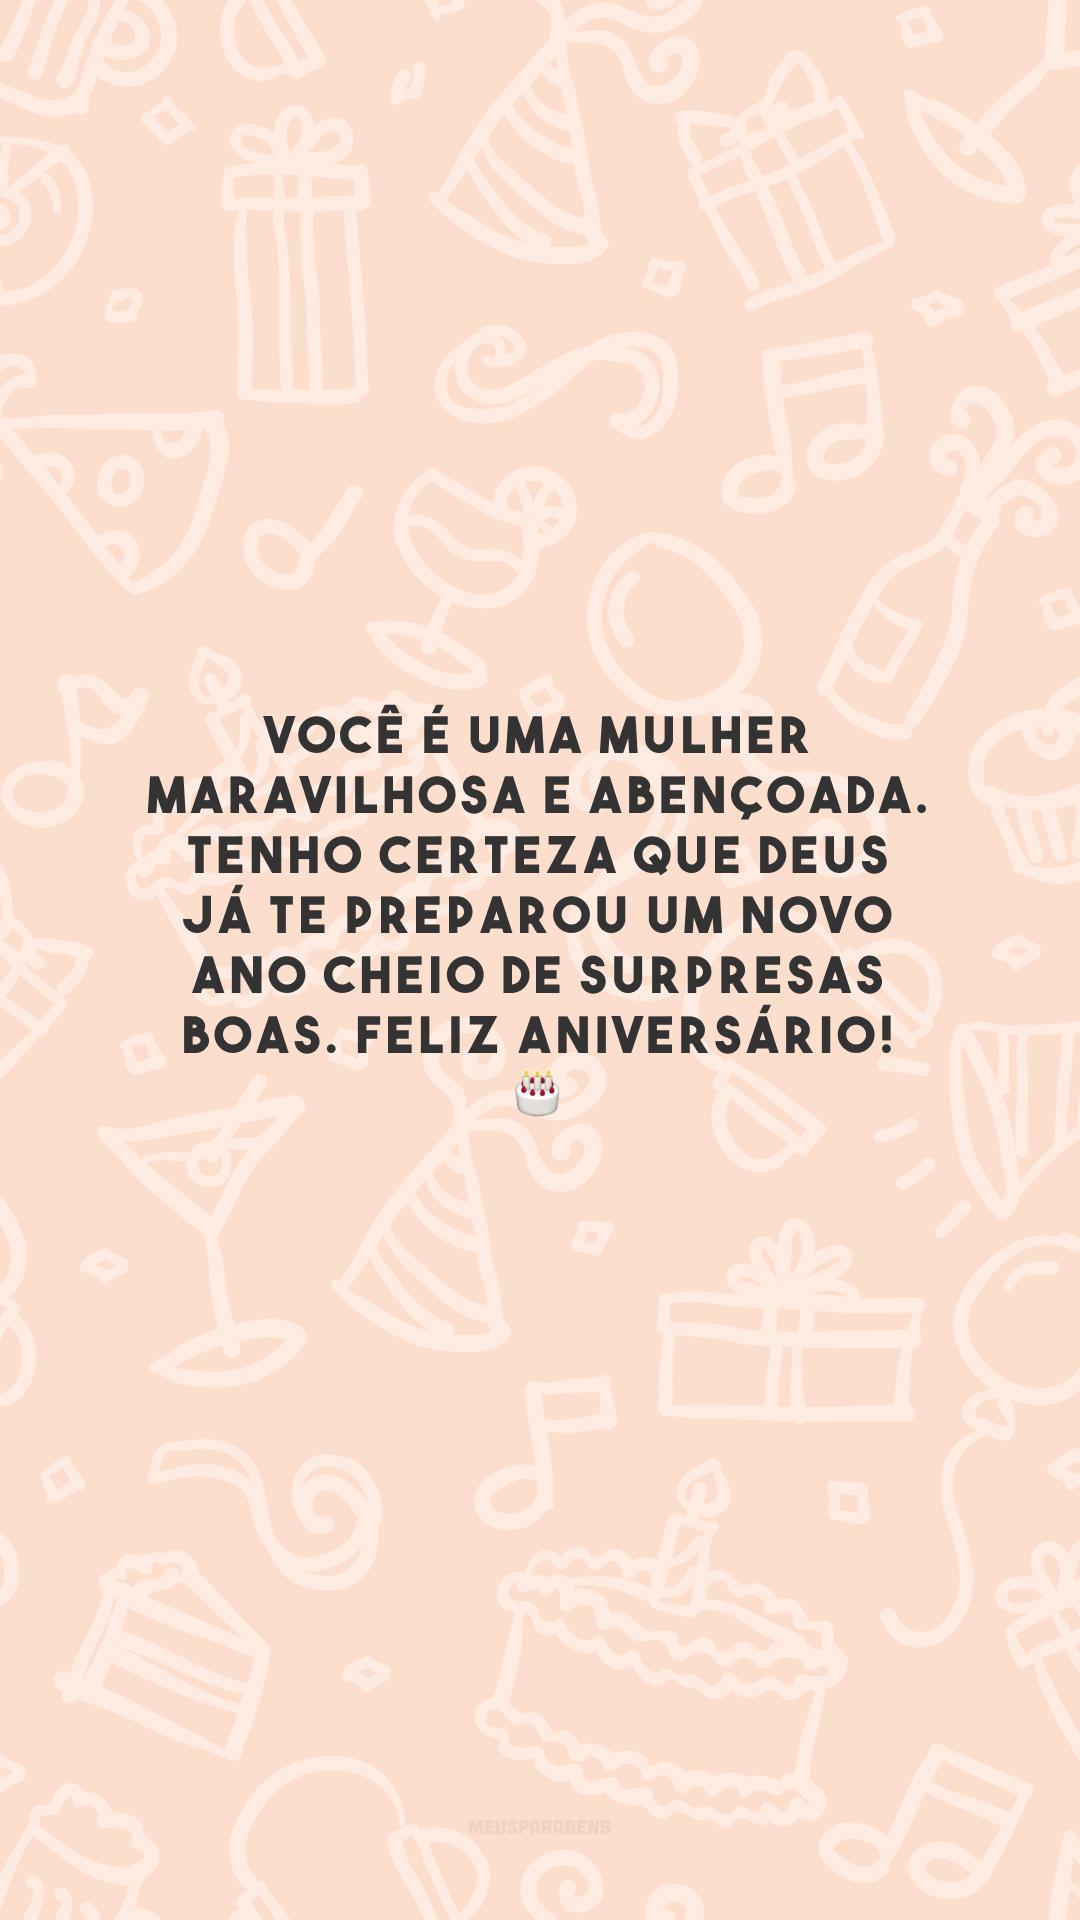 Você é uma mulher maravilhosa e abençoada. Tenho certeza que Deus já te preparou um novo ano cheio de surpresas boas. Feliz aniversário! 🎂